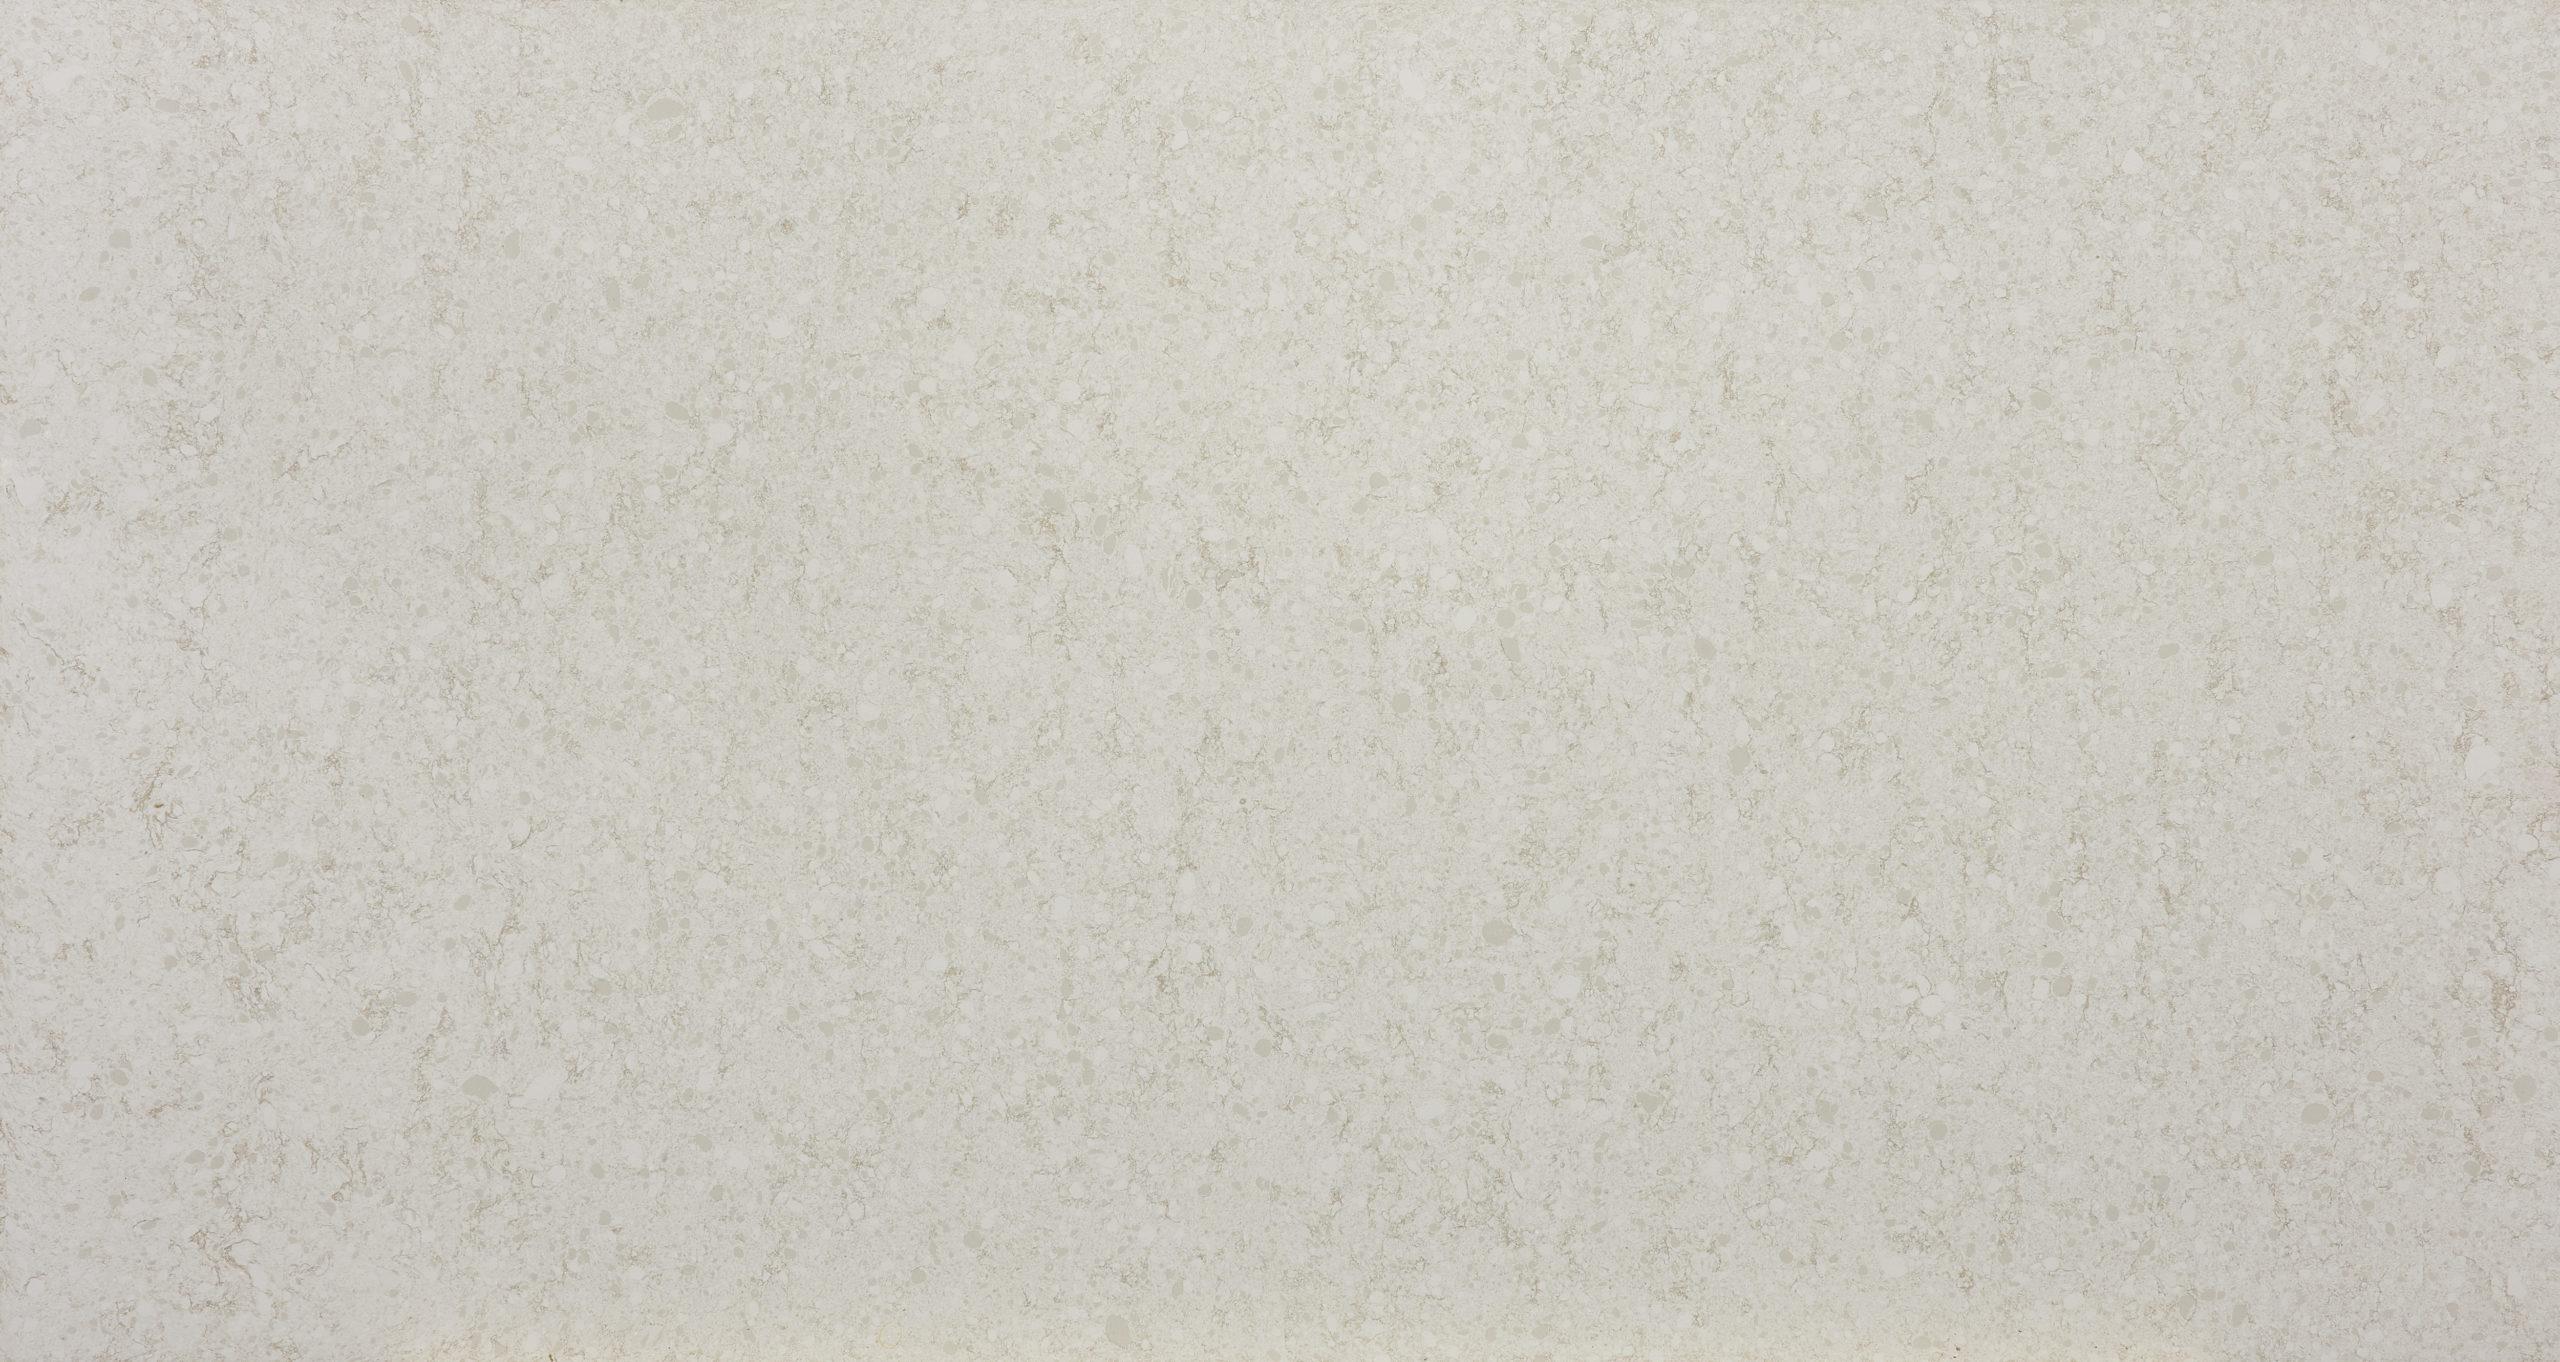 Venetia Cream Quartz - Corian Quartz